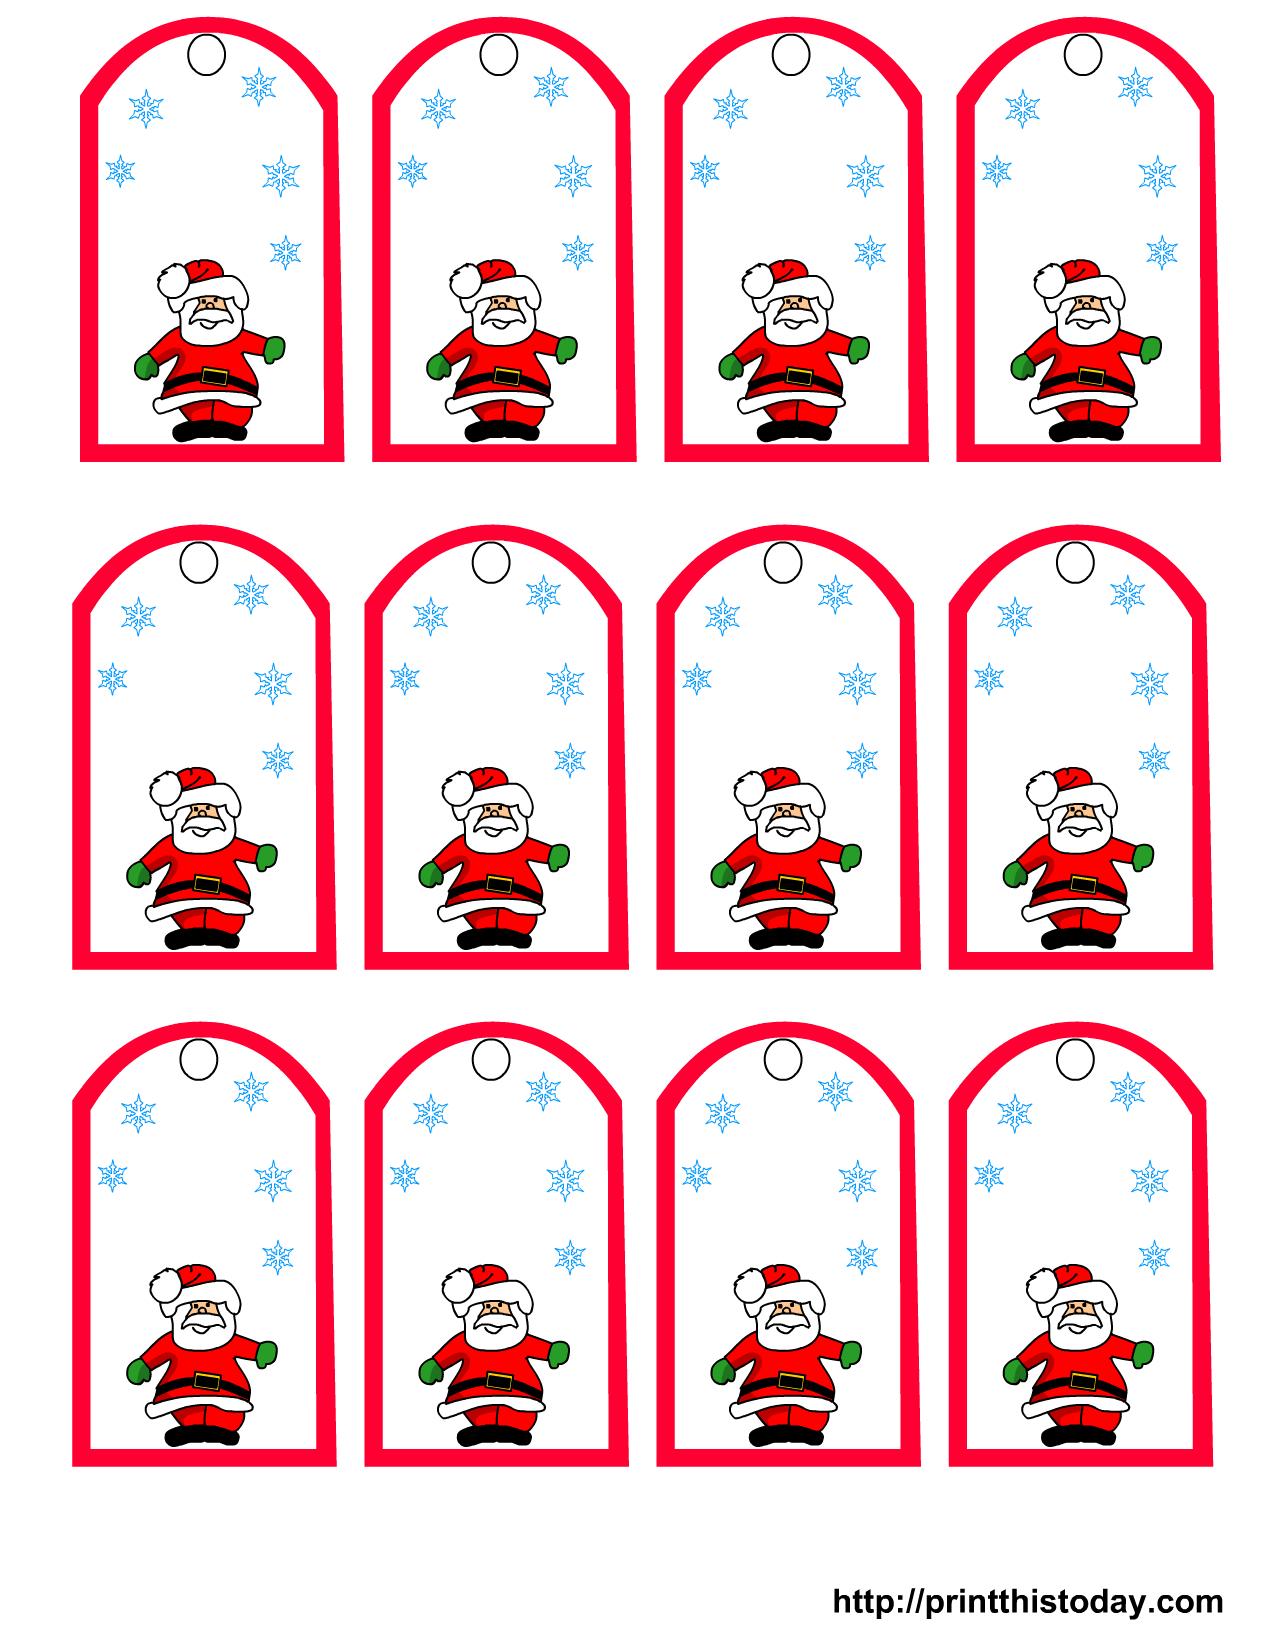 47 Free Printable Christmas Gift Tags (That You Can Edit And - Free Printable Christmas Gift Tags